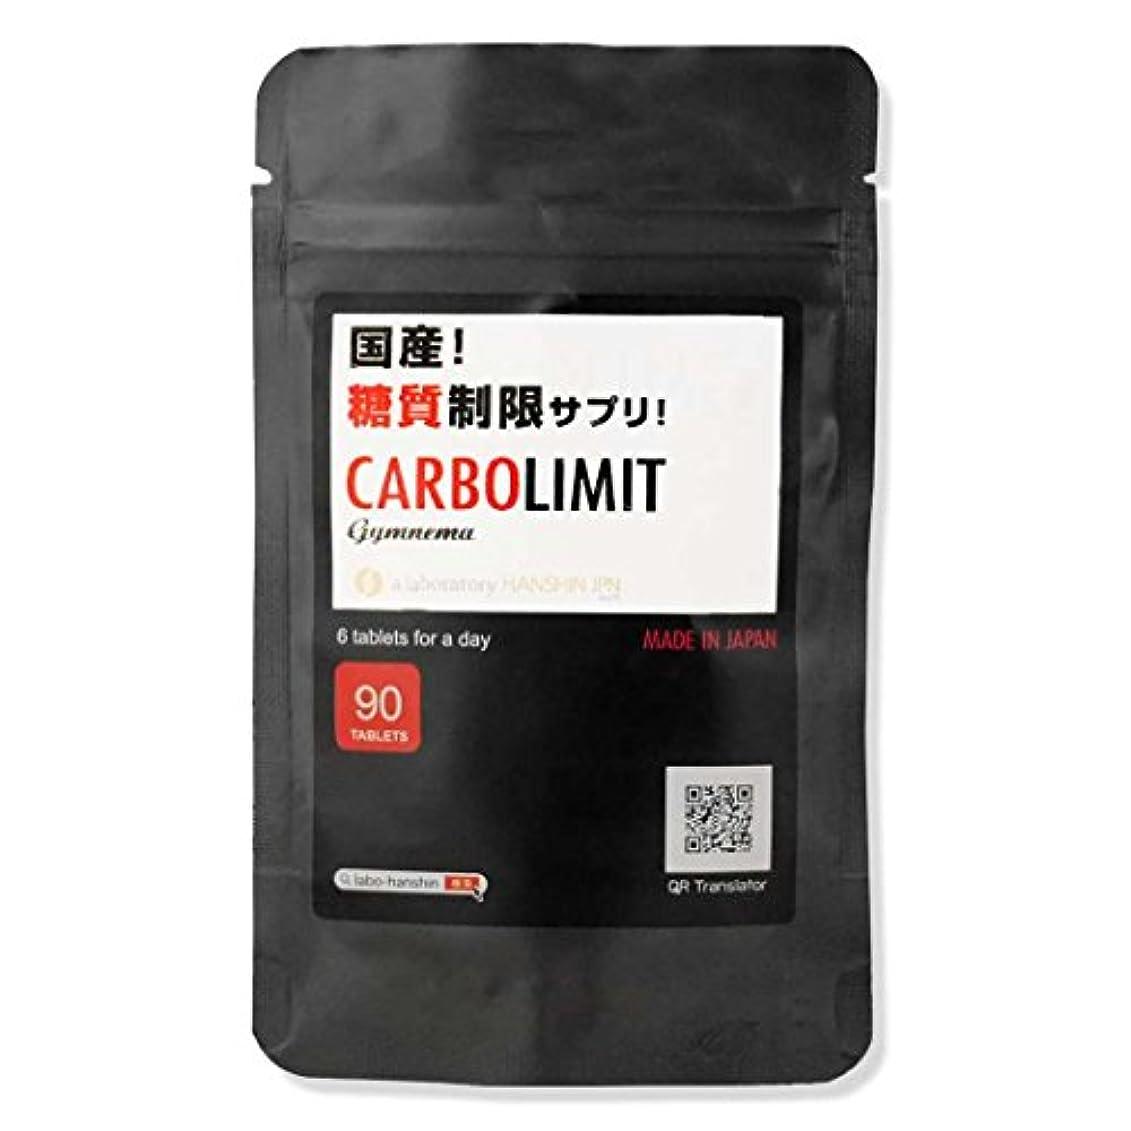 時間厳守国効能ある糖質制限 ダイエット 断糖サプリ 高濃度 ギムネマ 国産 カーボリミット